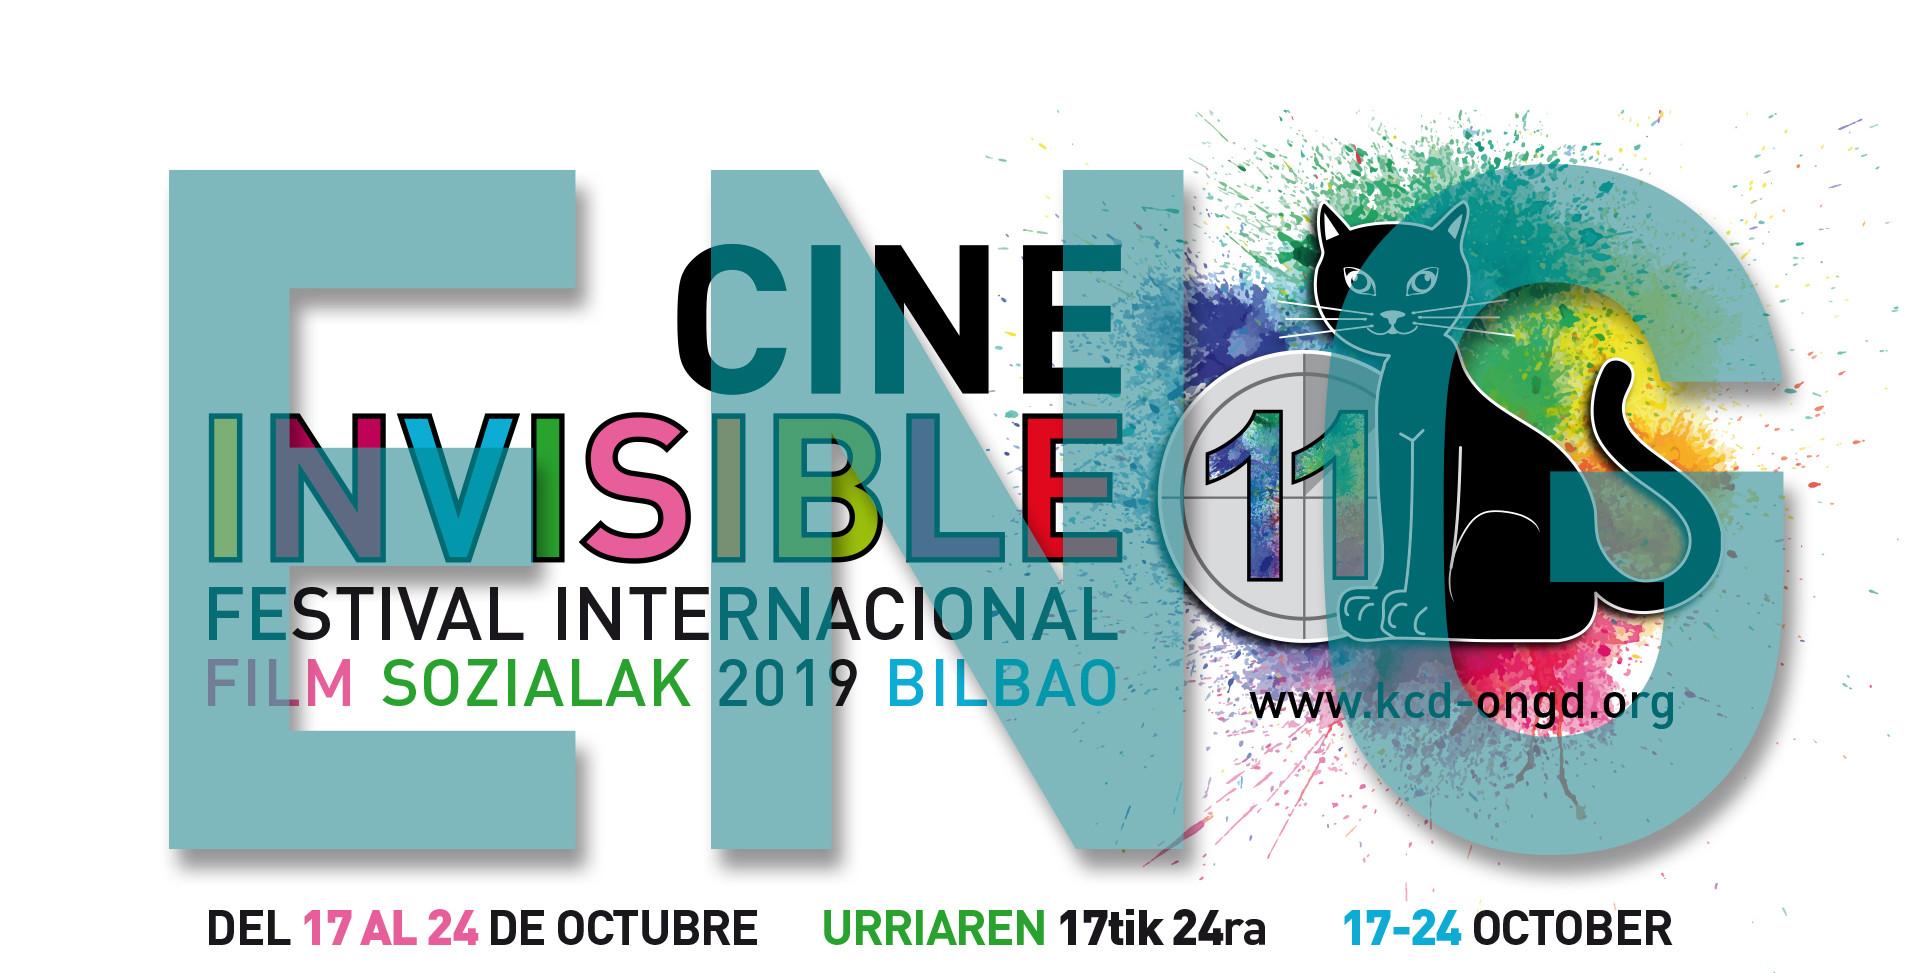 Cine invisible promo